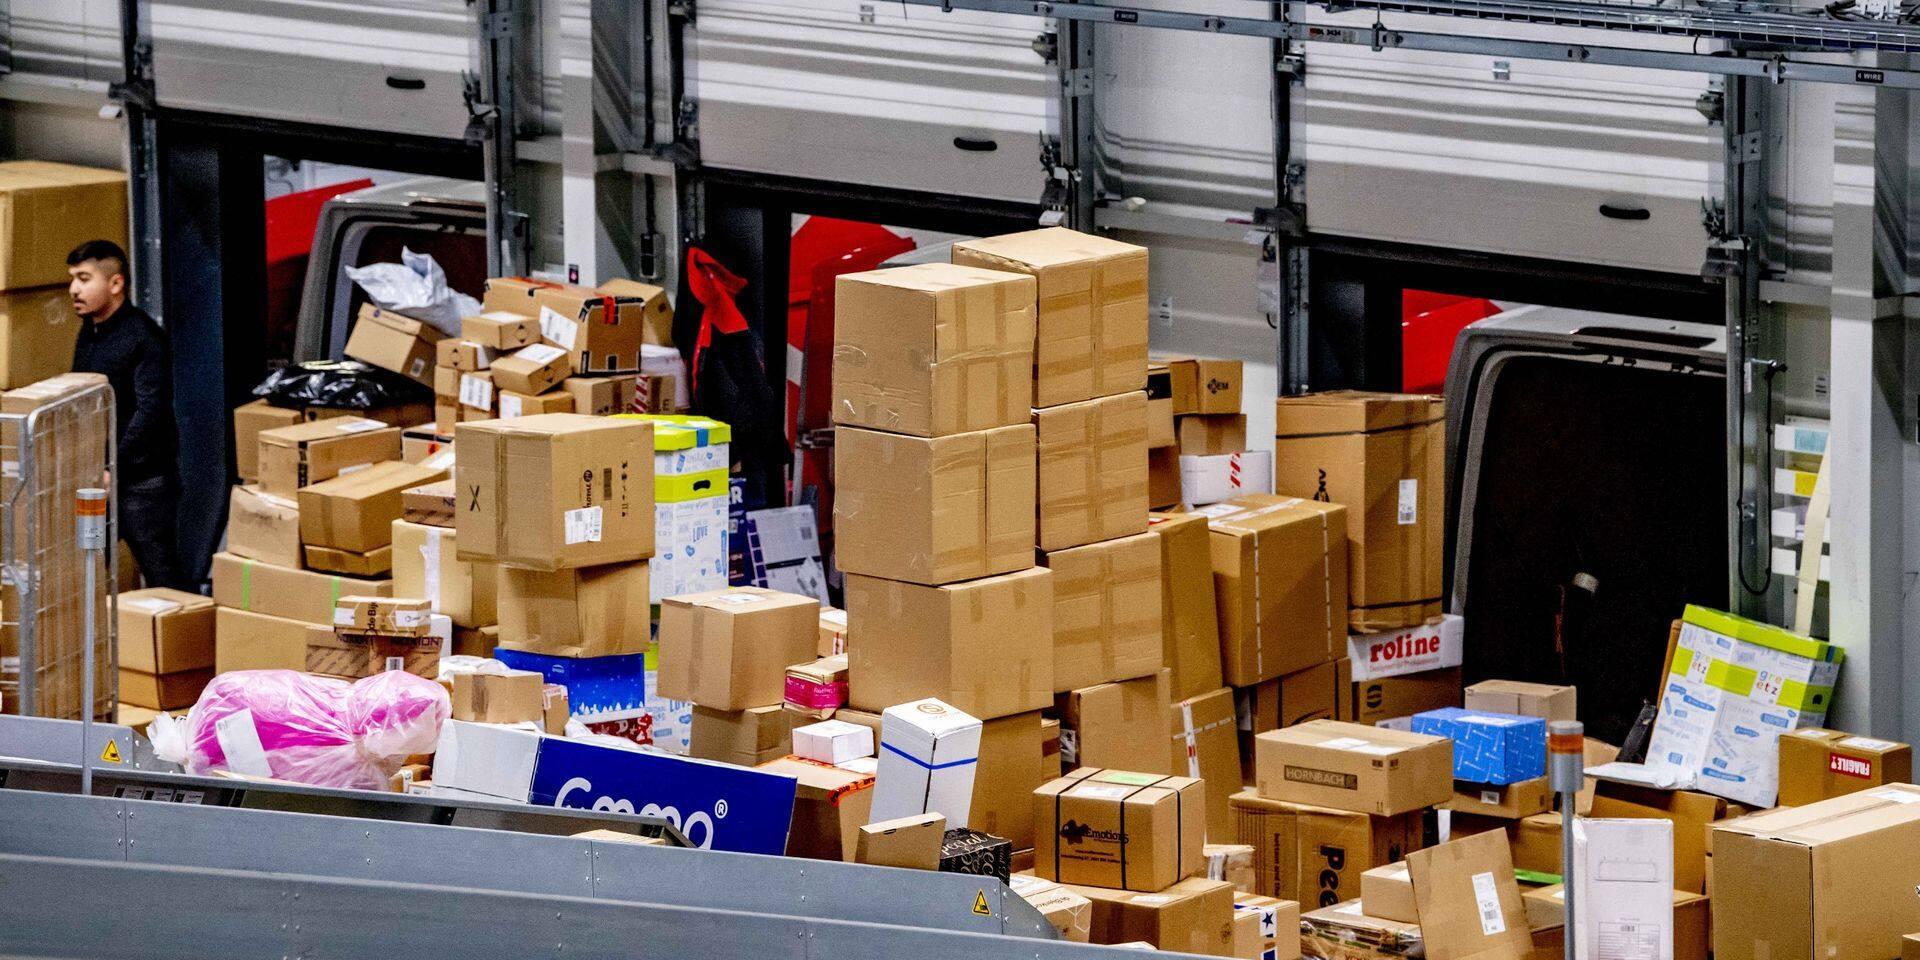 UPS vise un chiffre d'affaires de 100 milliards de dollars